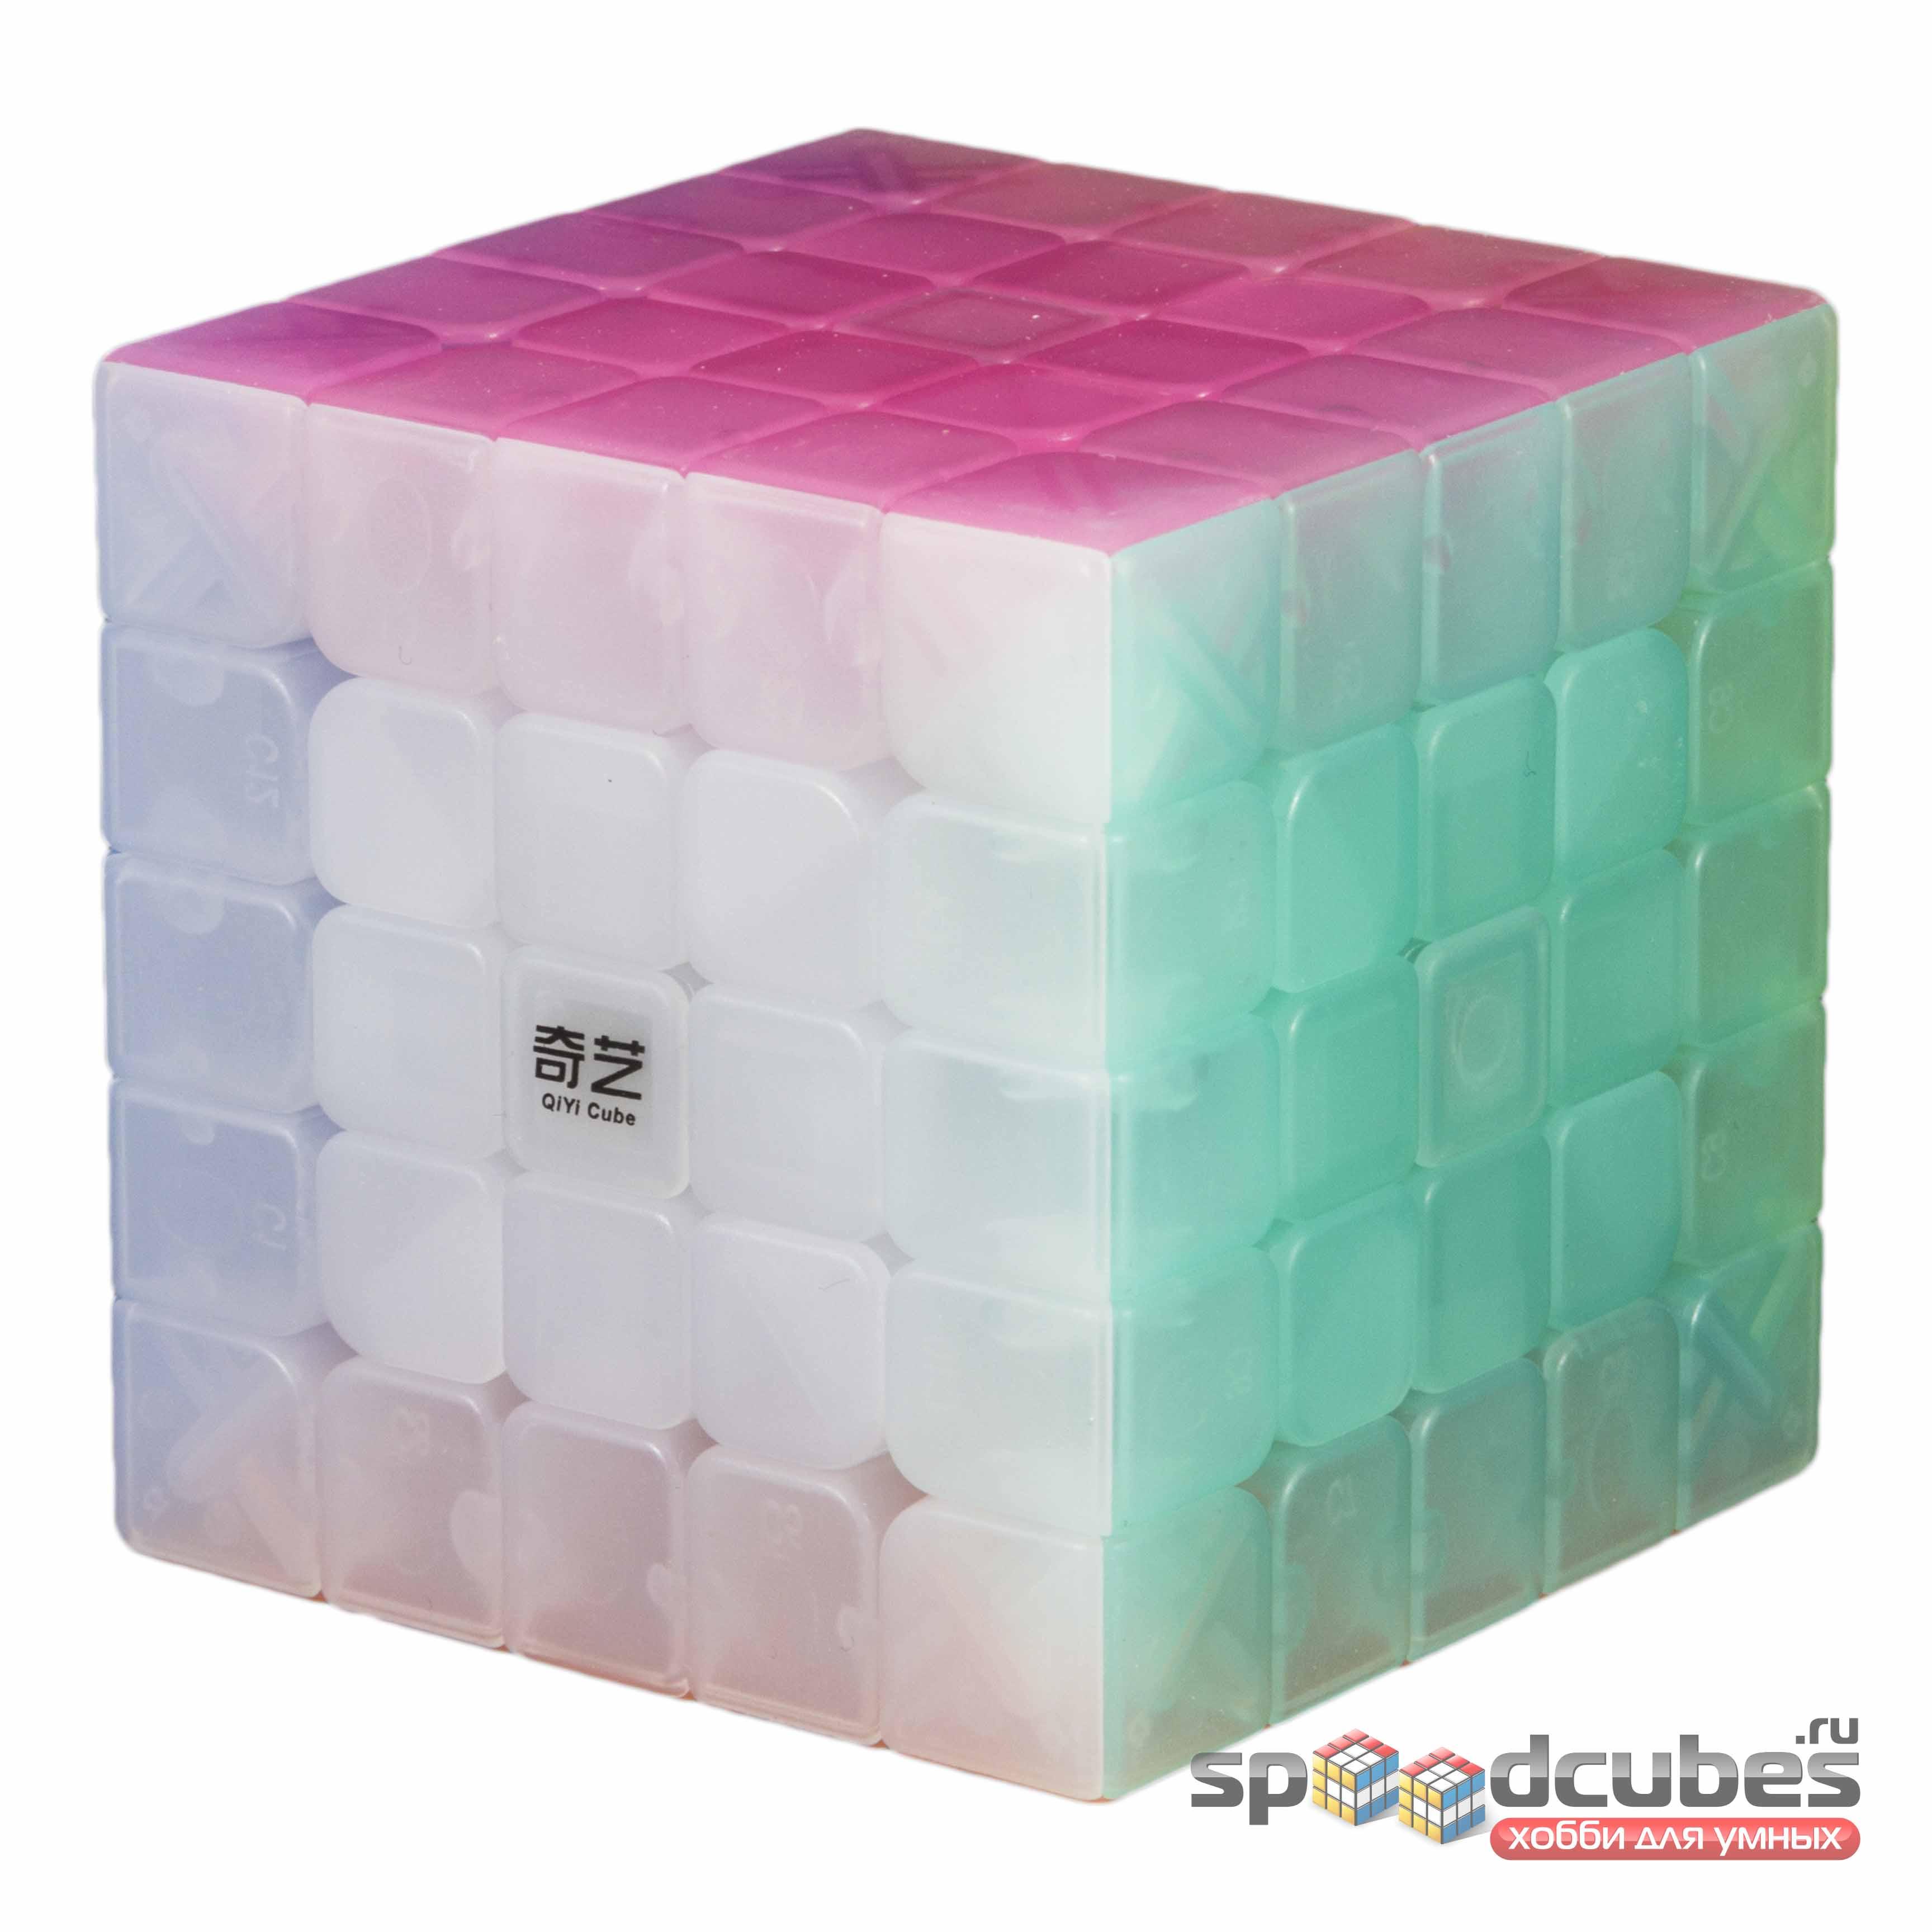 QiYi (MofangGe) 5x5x5 Jelly Cube